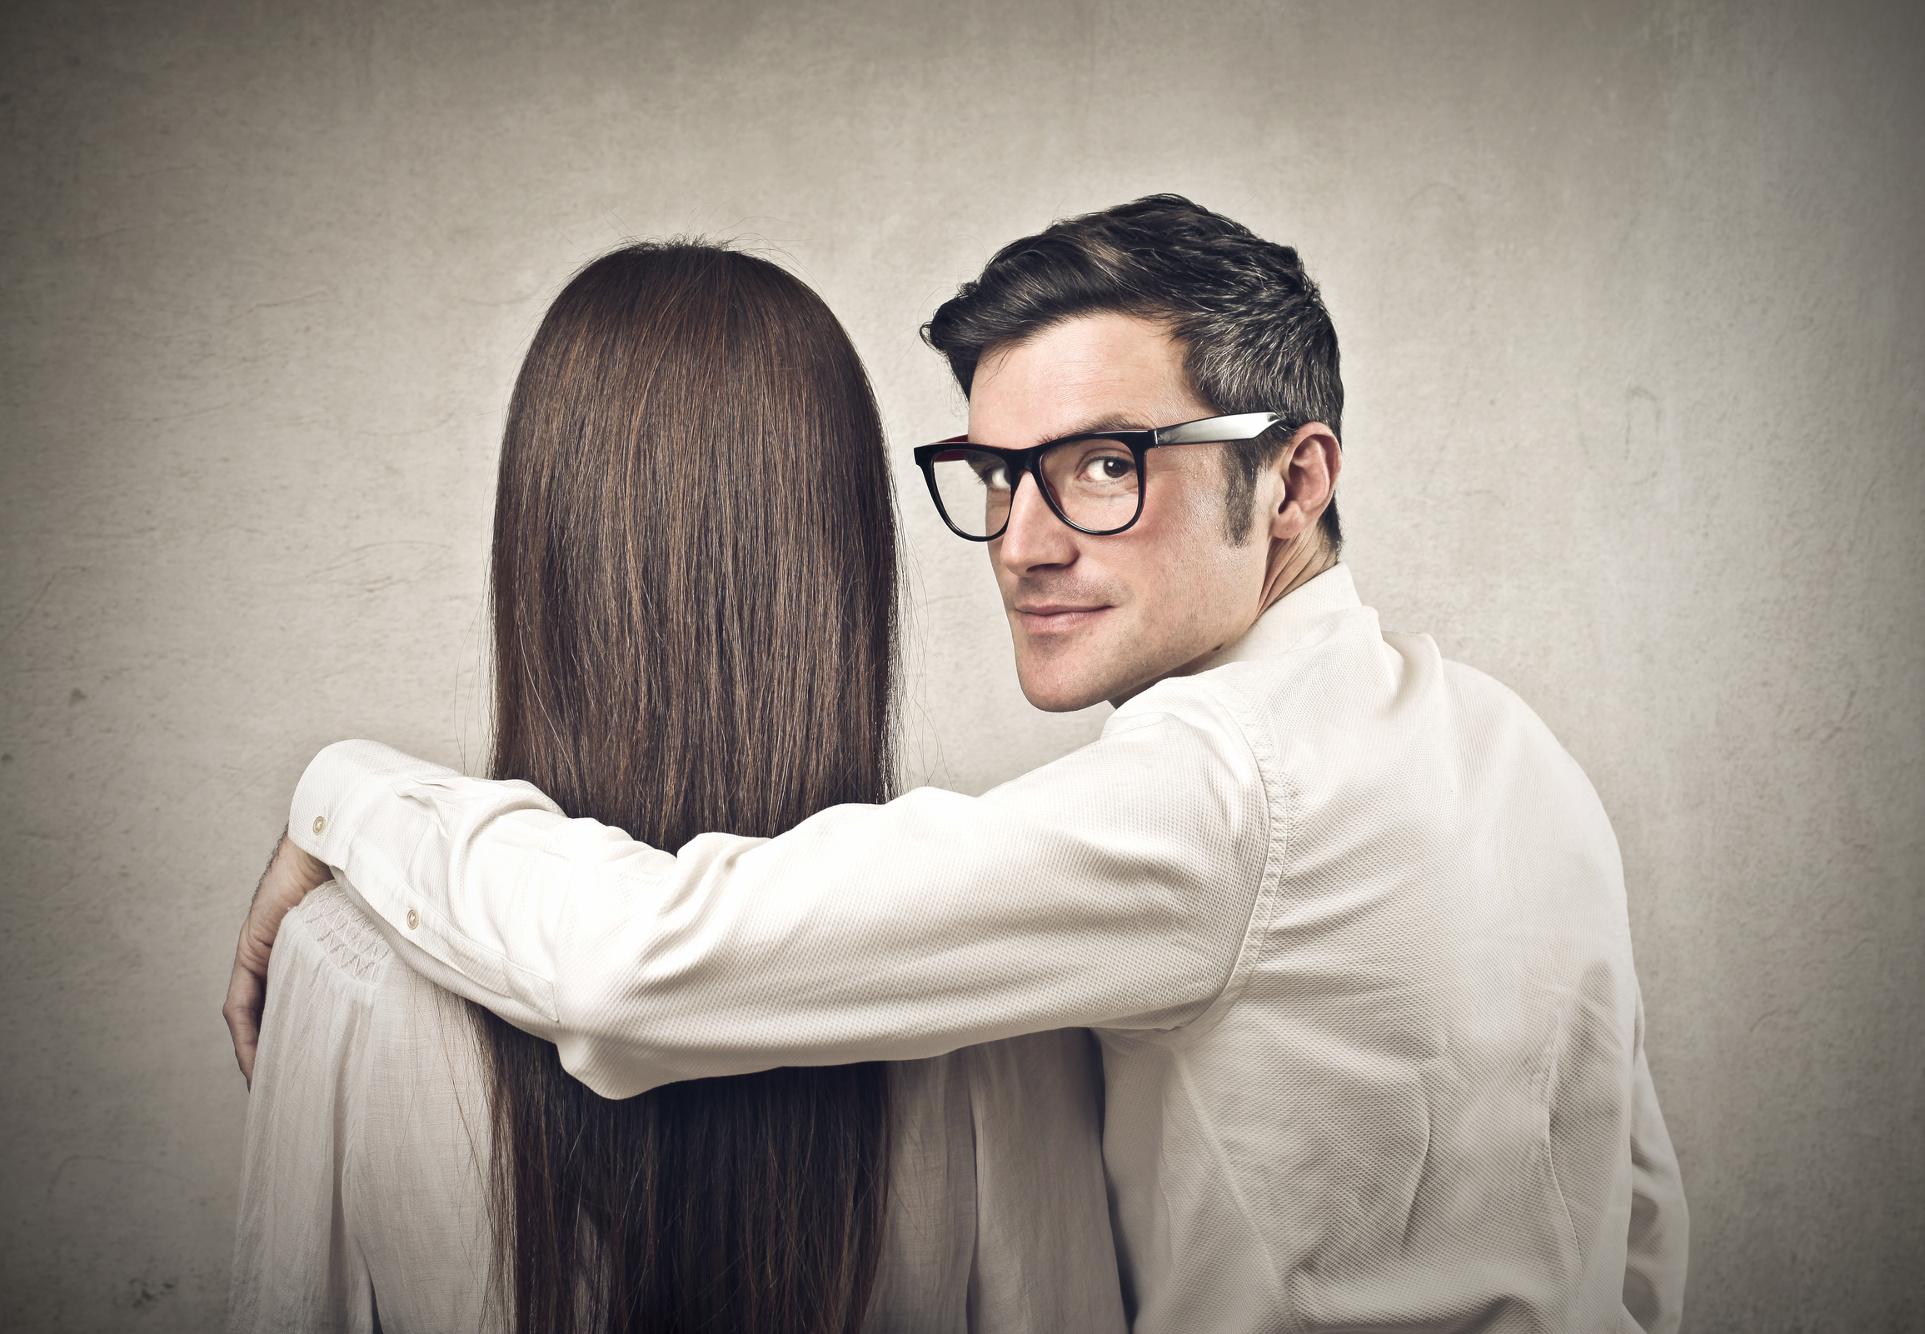 Узнайте, насколько хорошо вы понимаете мужчин?